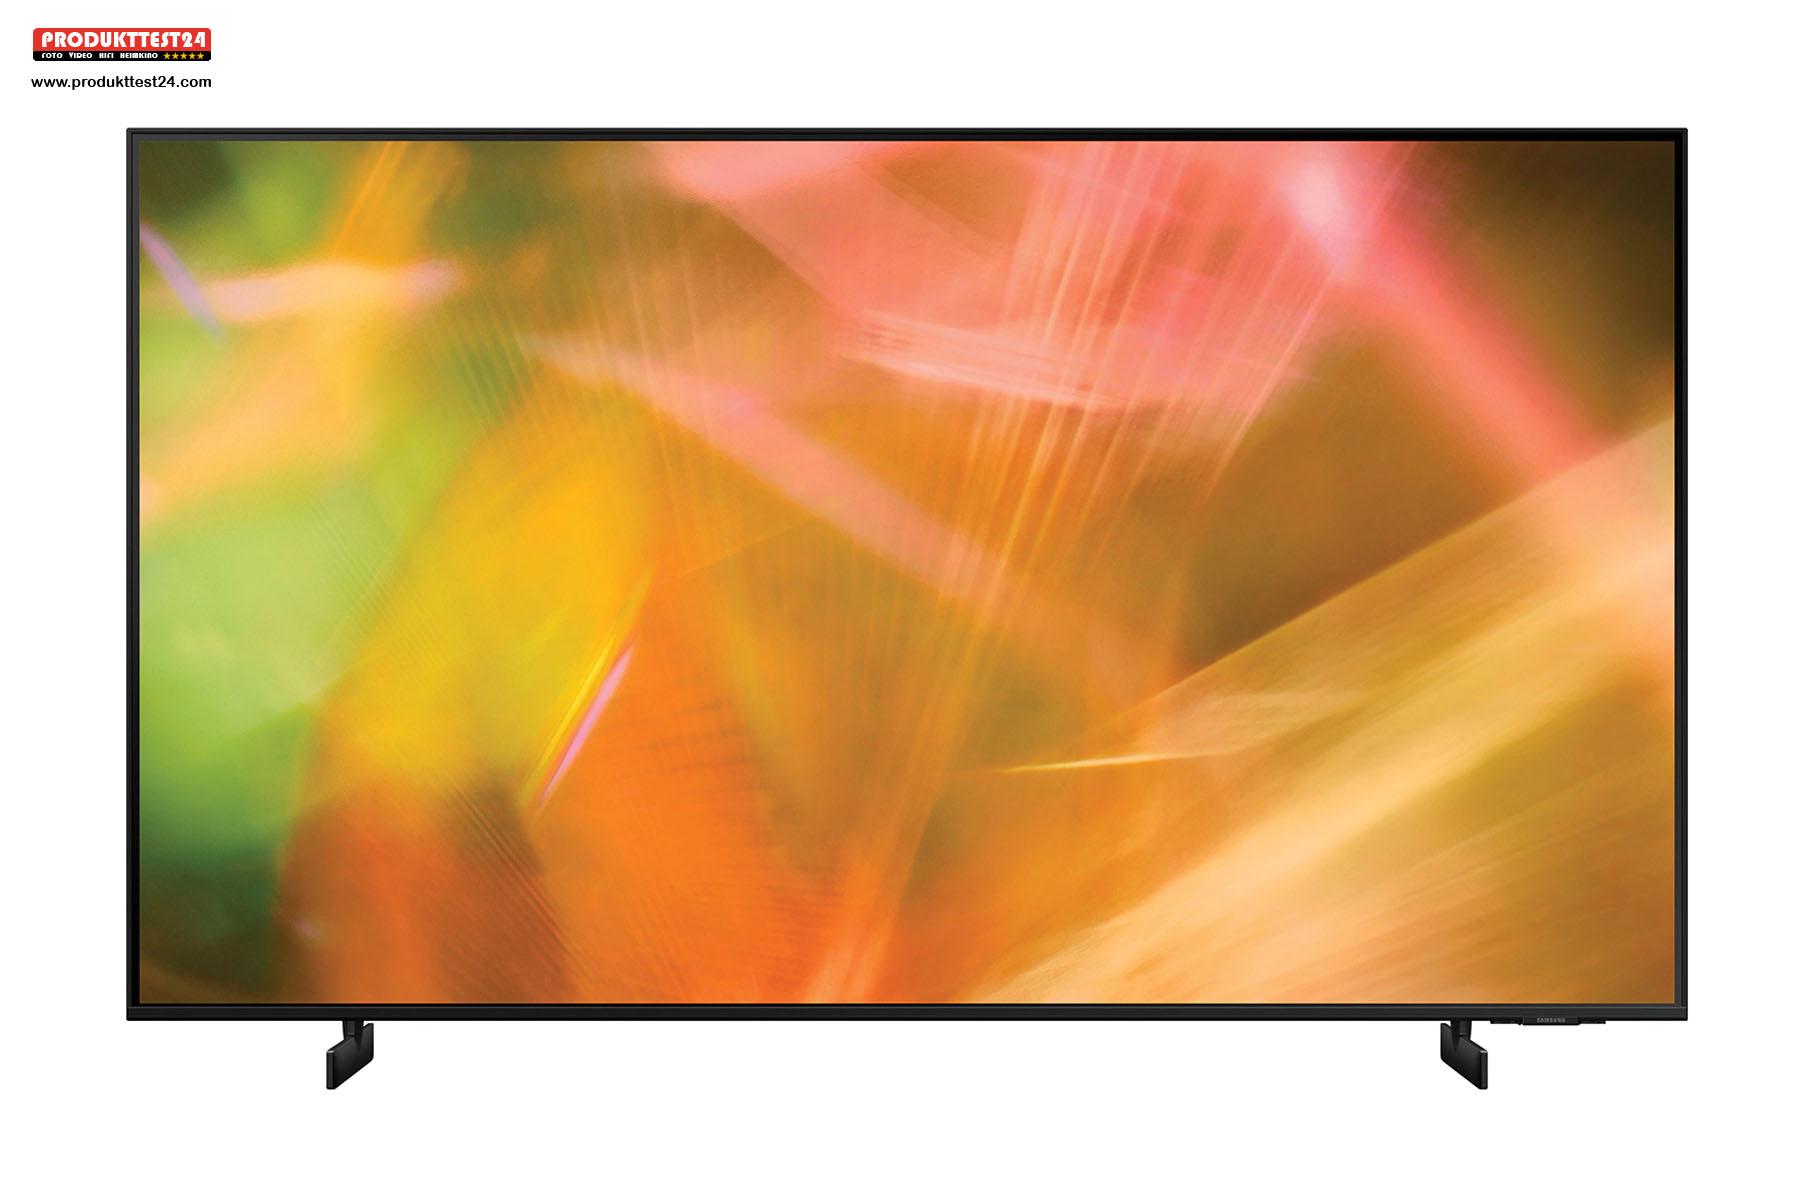 Der Samsung GU85AU8079 ist einer der günstigsten Fernseher in dieser Größe